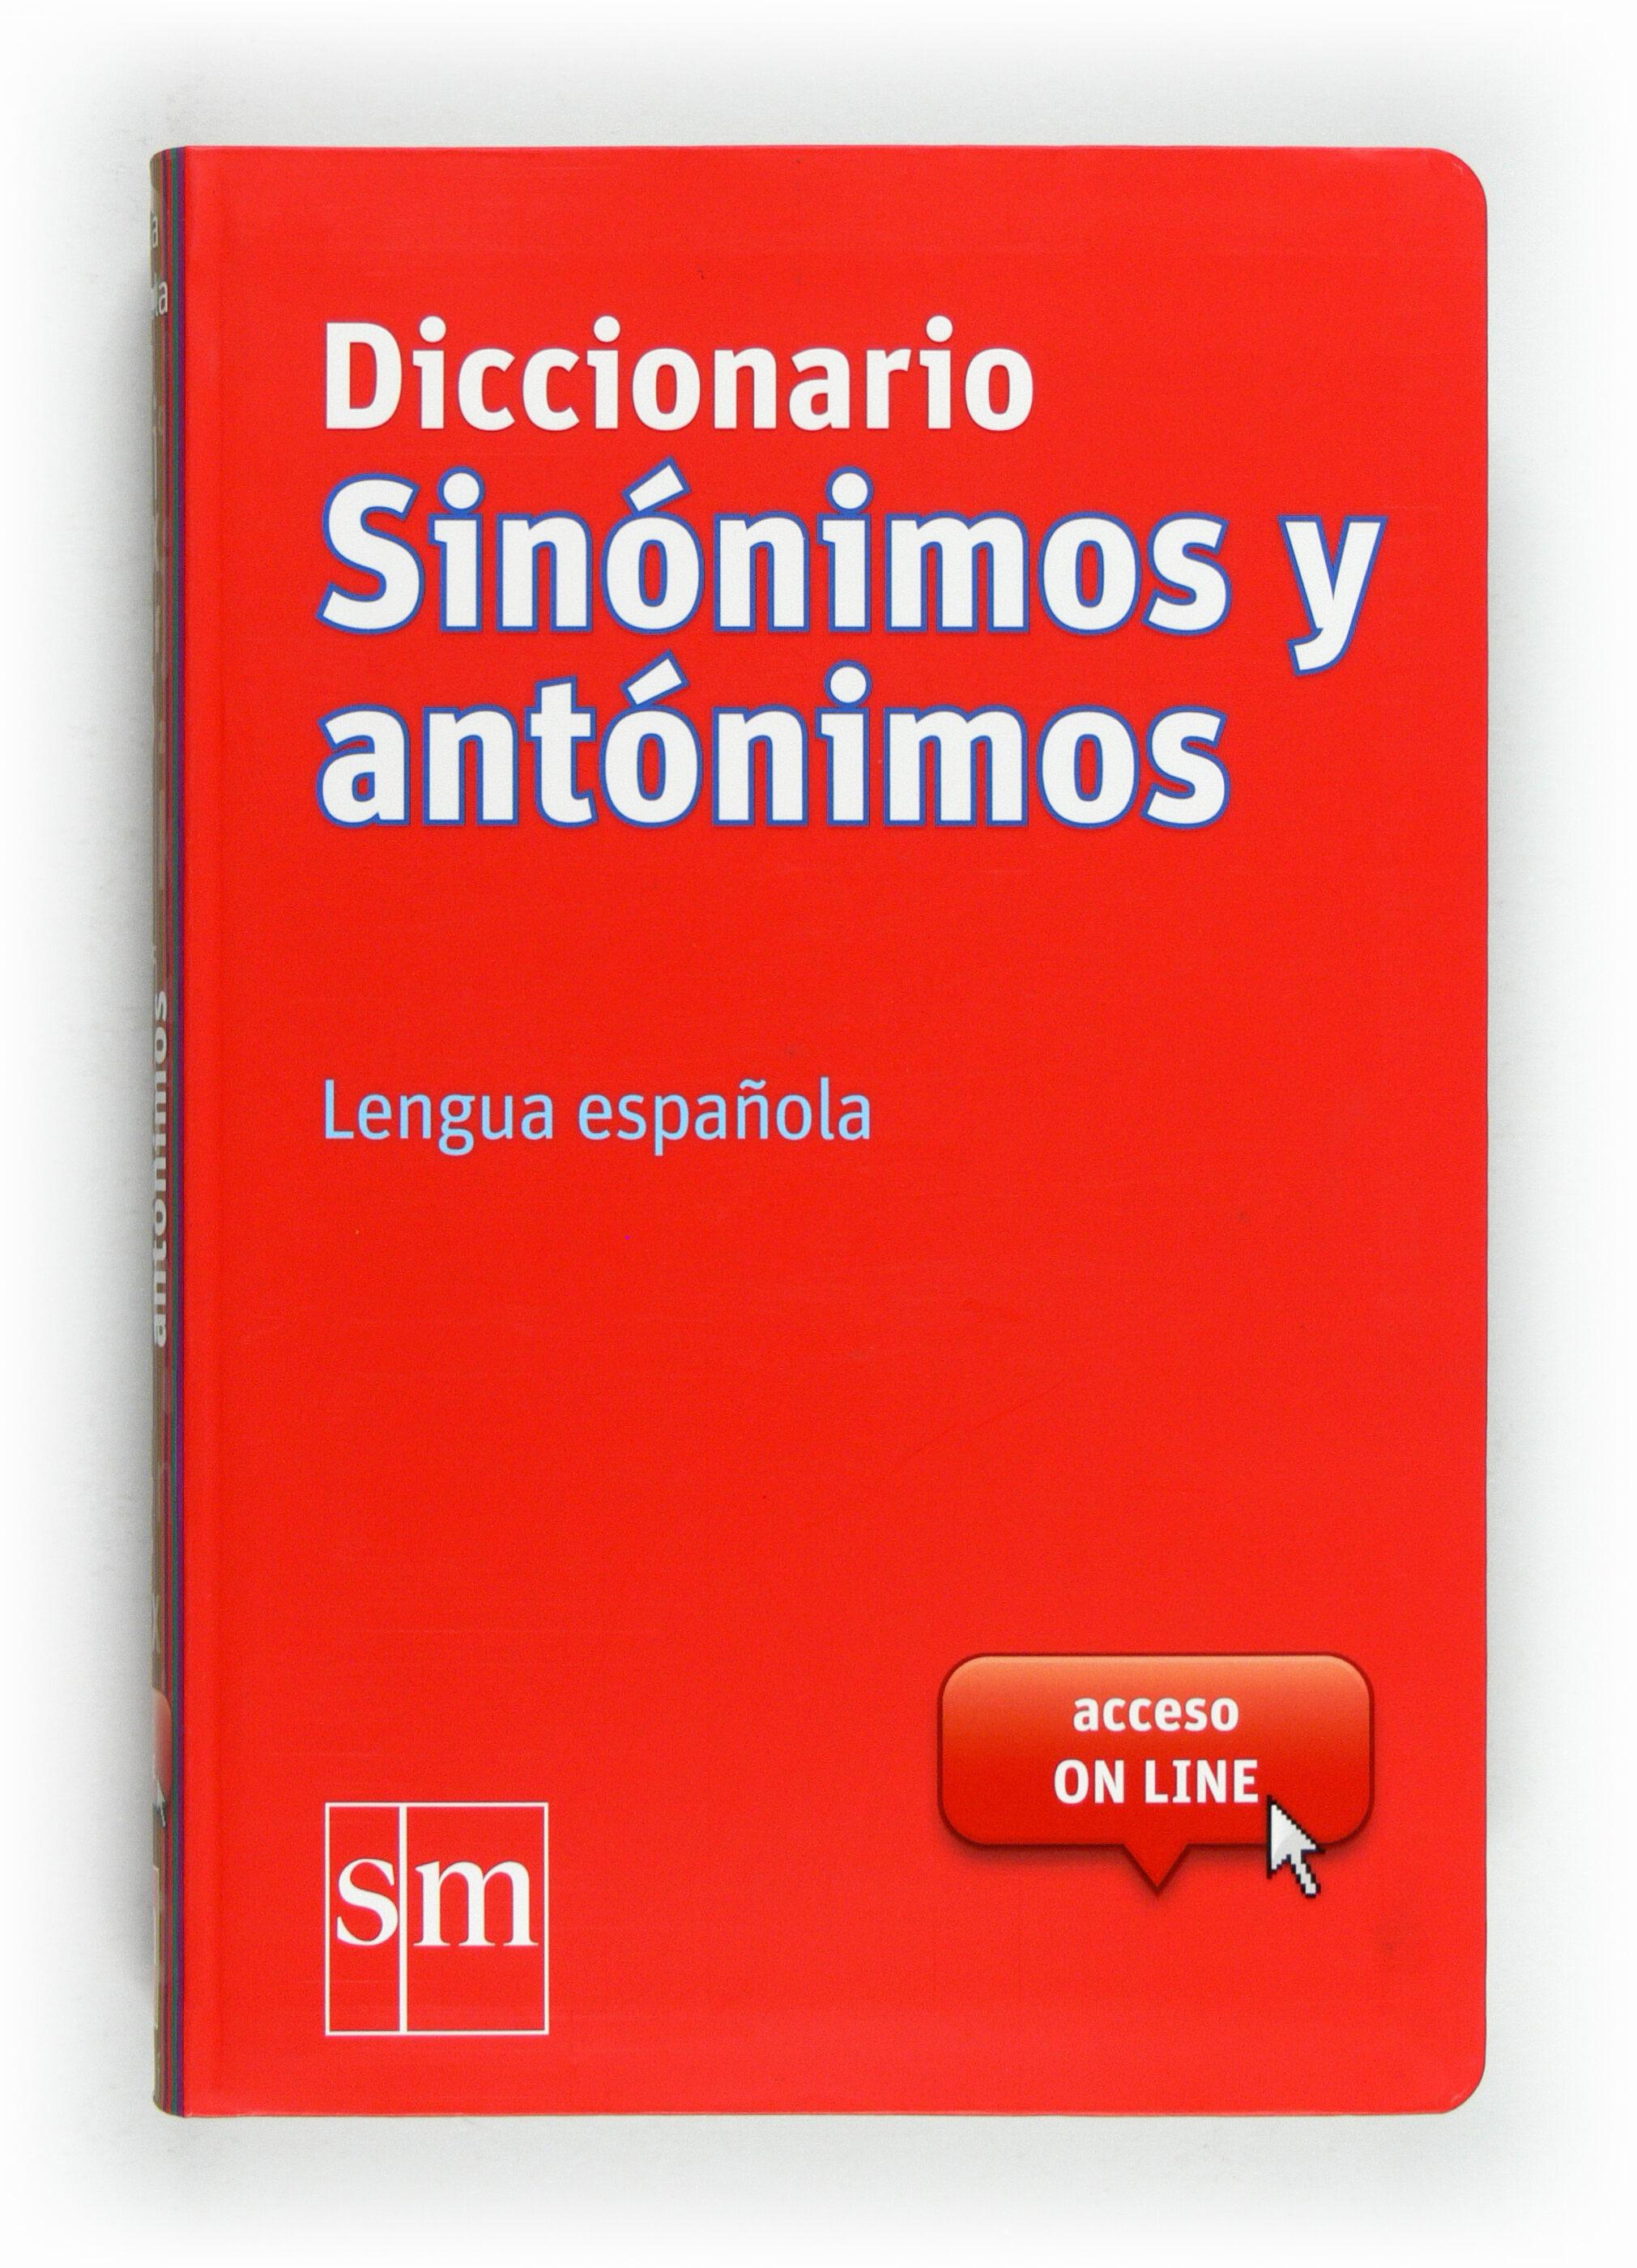 Diccionario sinonimos juridicos online dating